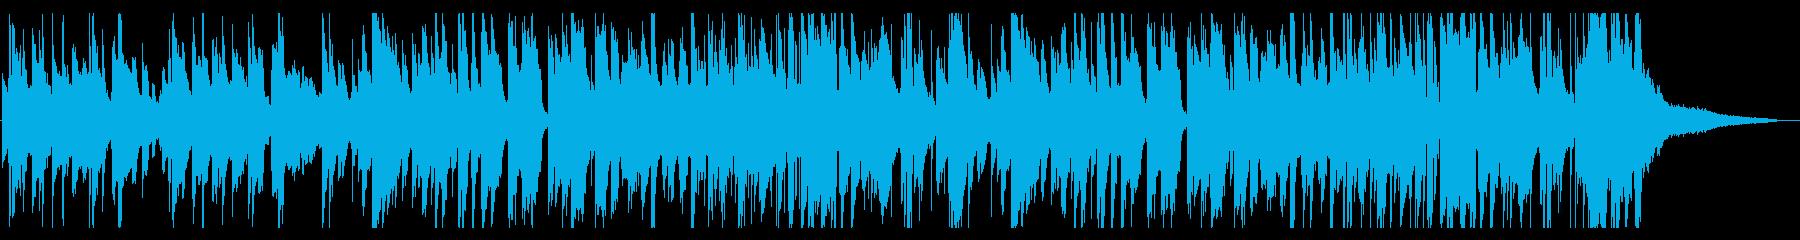 夜・リラックス・ジャズ・スローテンポの再生済みの波形